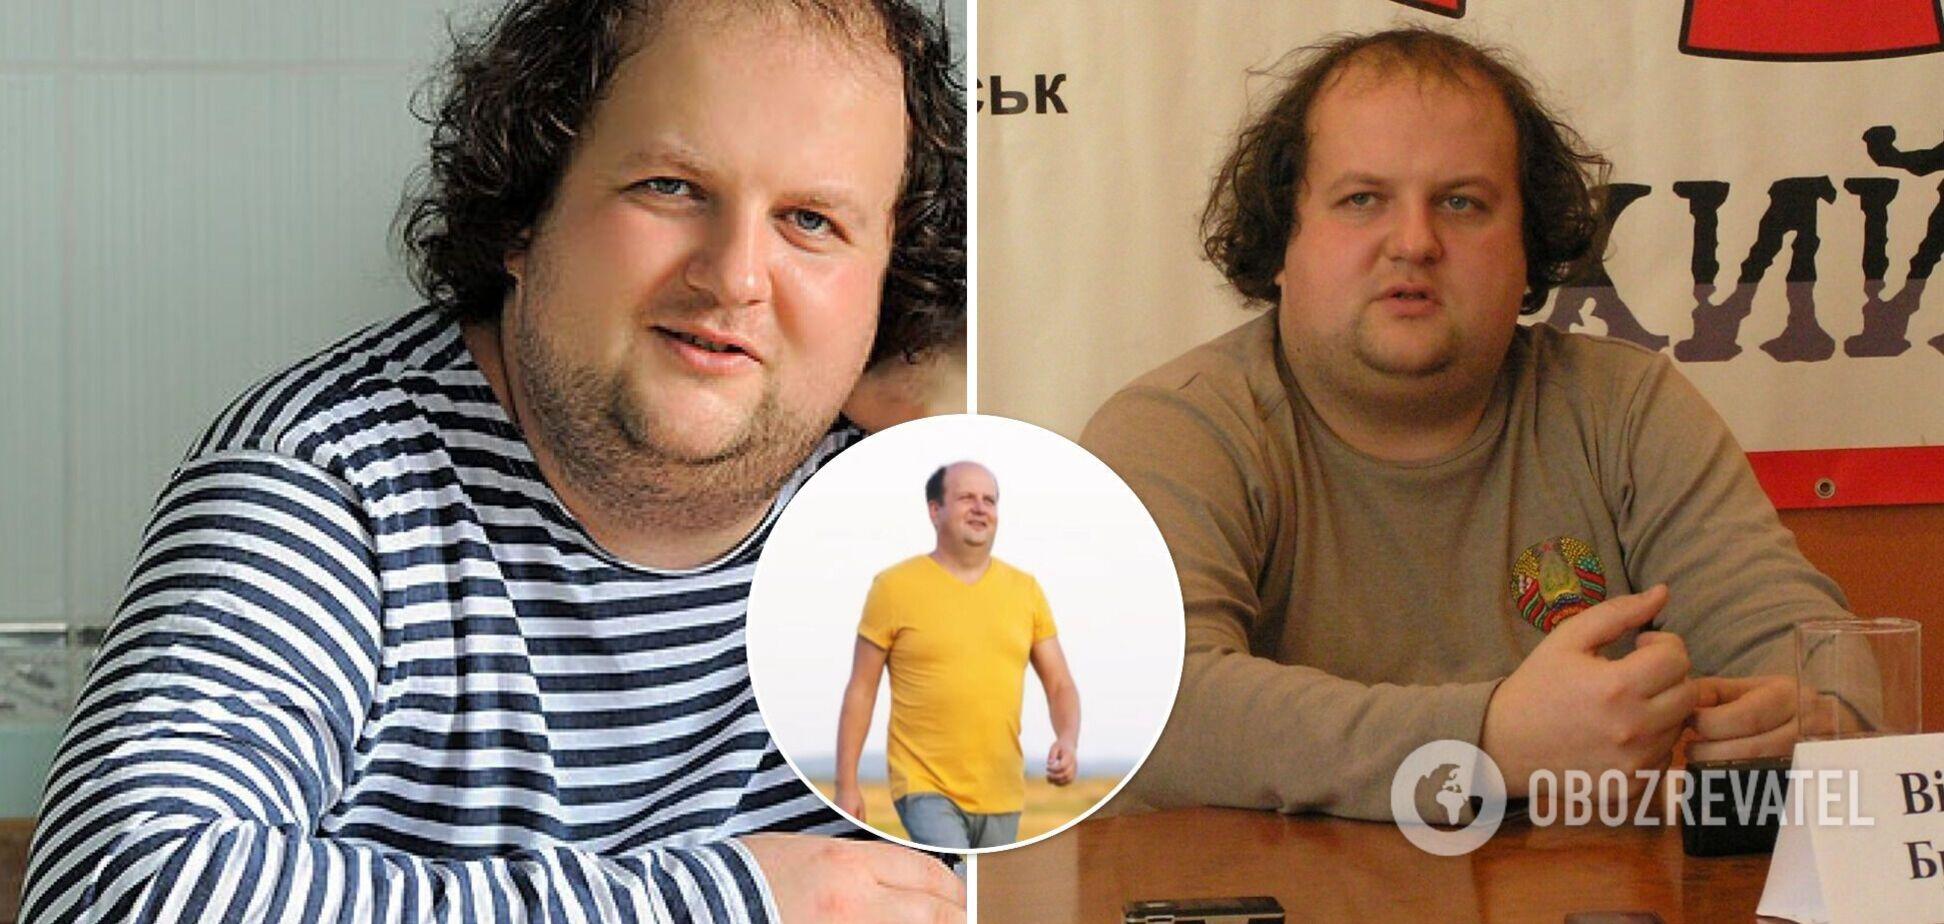 'У мене є своя дієта': соліст 'ТіК' Бронюк скинув 30 кг і поділився рецептом успіху. Фото до і після